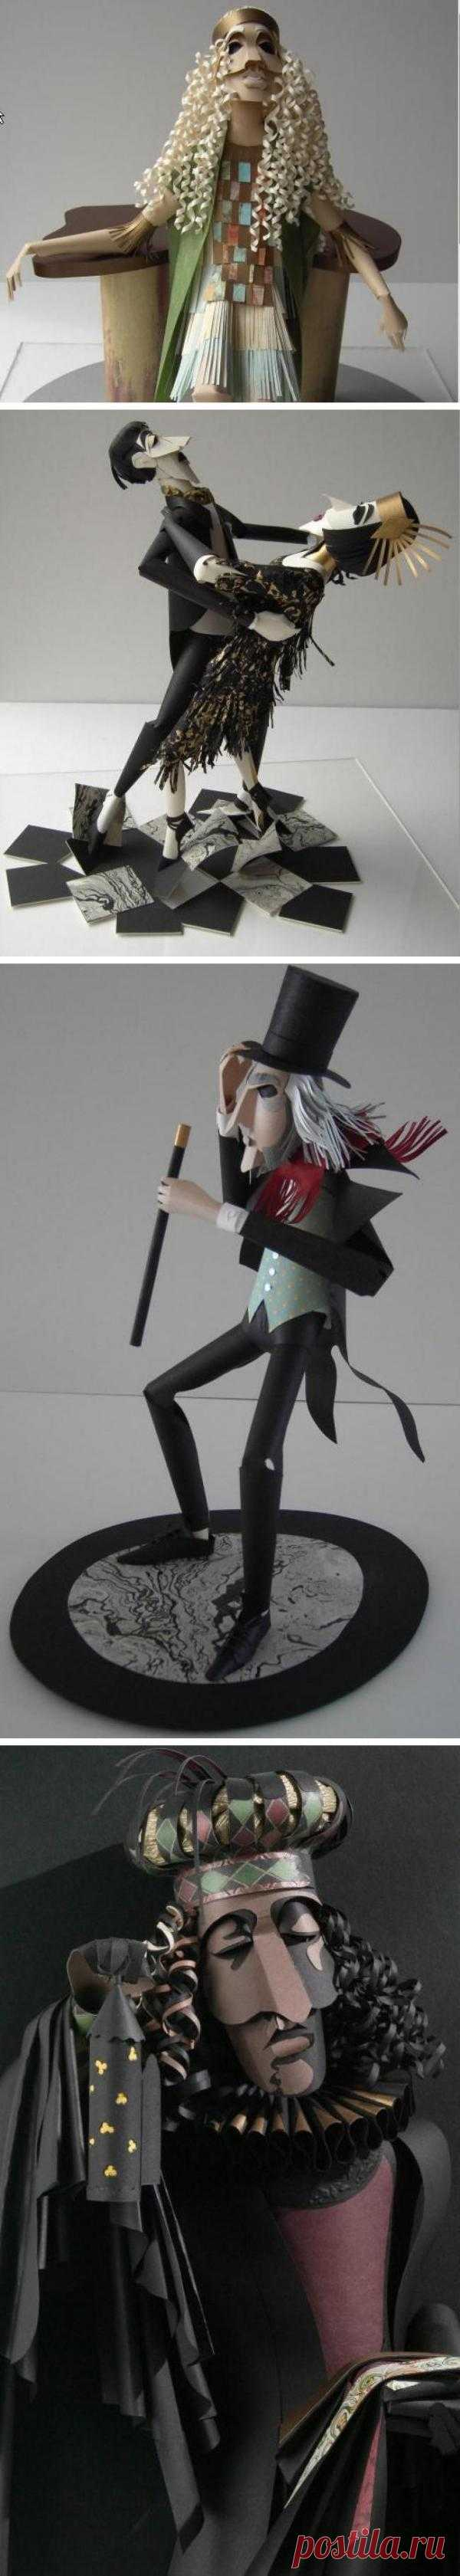 Трехмерные бумажные скульптуры английского дизайнера Шер Кристофер. Ее творения примечательны еще и тем, что сделаны из бумаги собранной из разных уголков планеты.